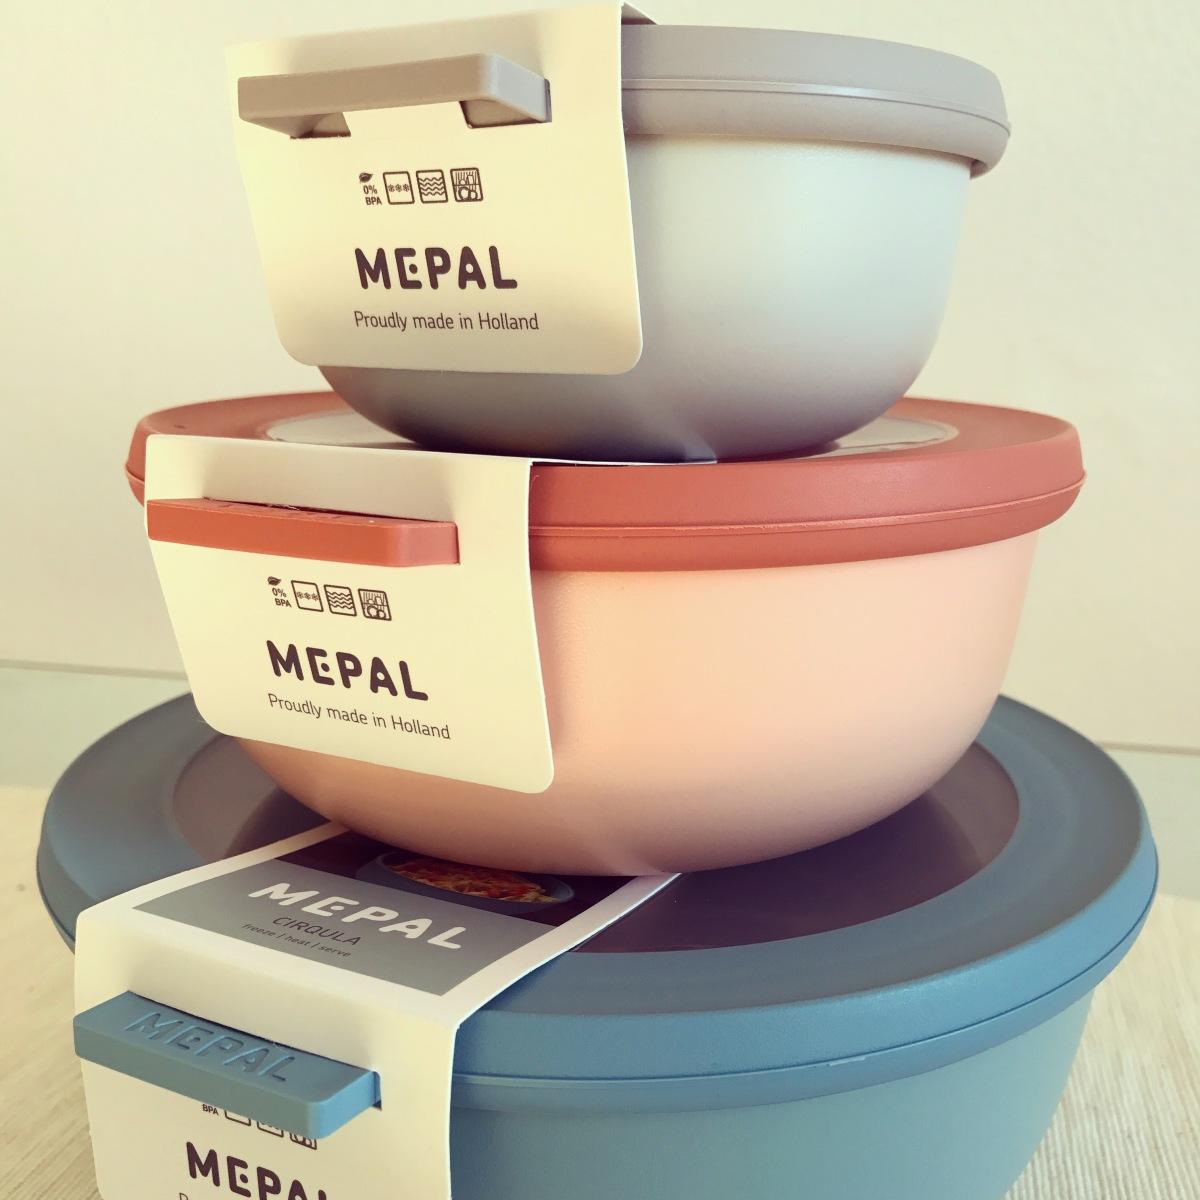 Nachhaltig (unterwegs) essen dank niederländischem Design - Rosti Mepal Cirqula Serie (Werbung)